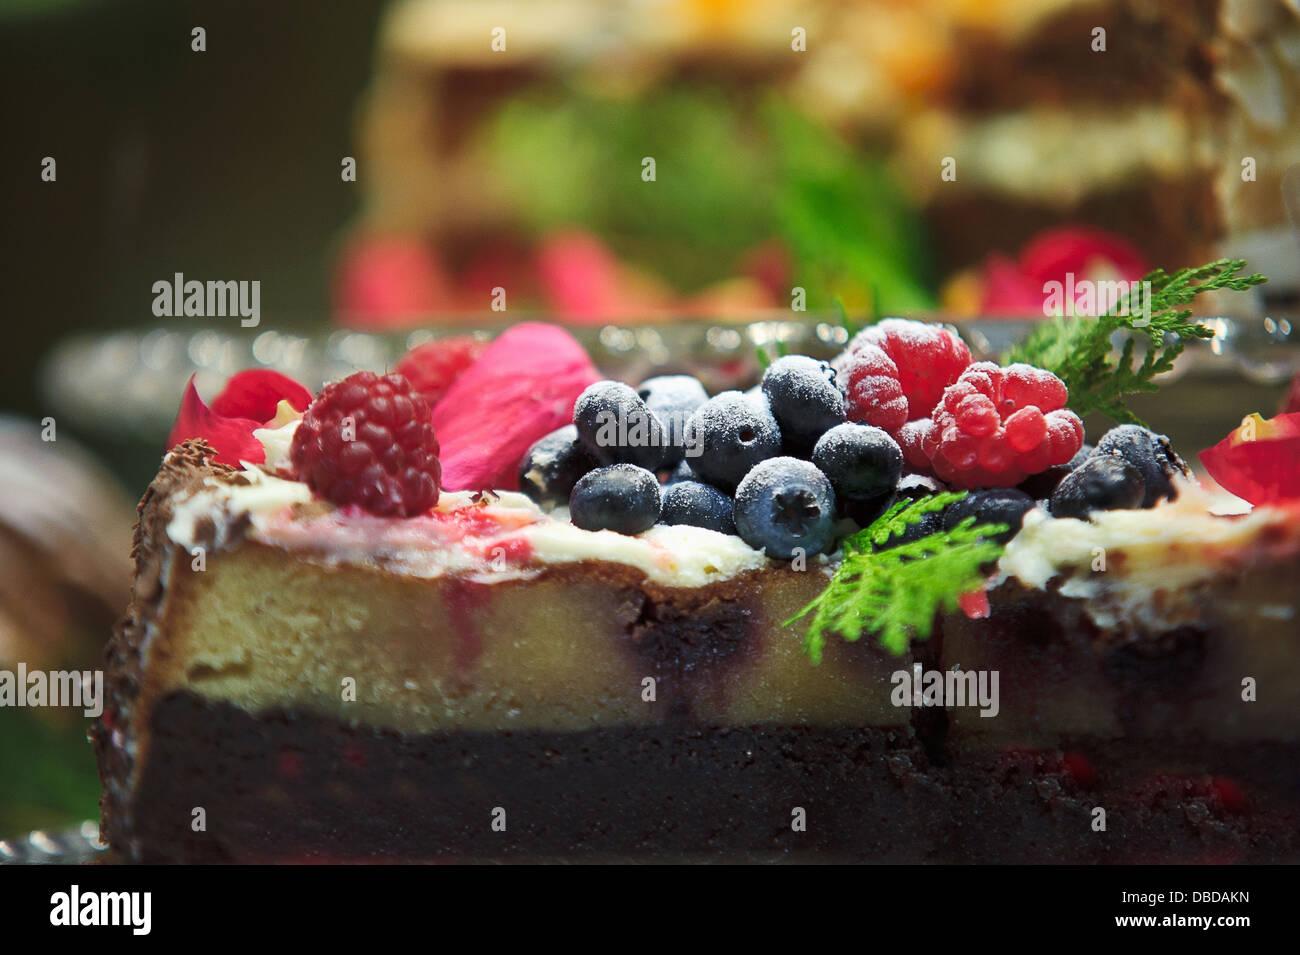 Un gâteau au fromage au four garnie de crème fraîche et les baies prêt à manger Photo Stock